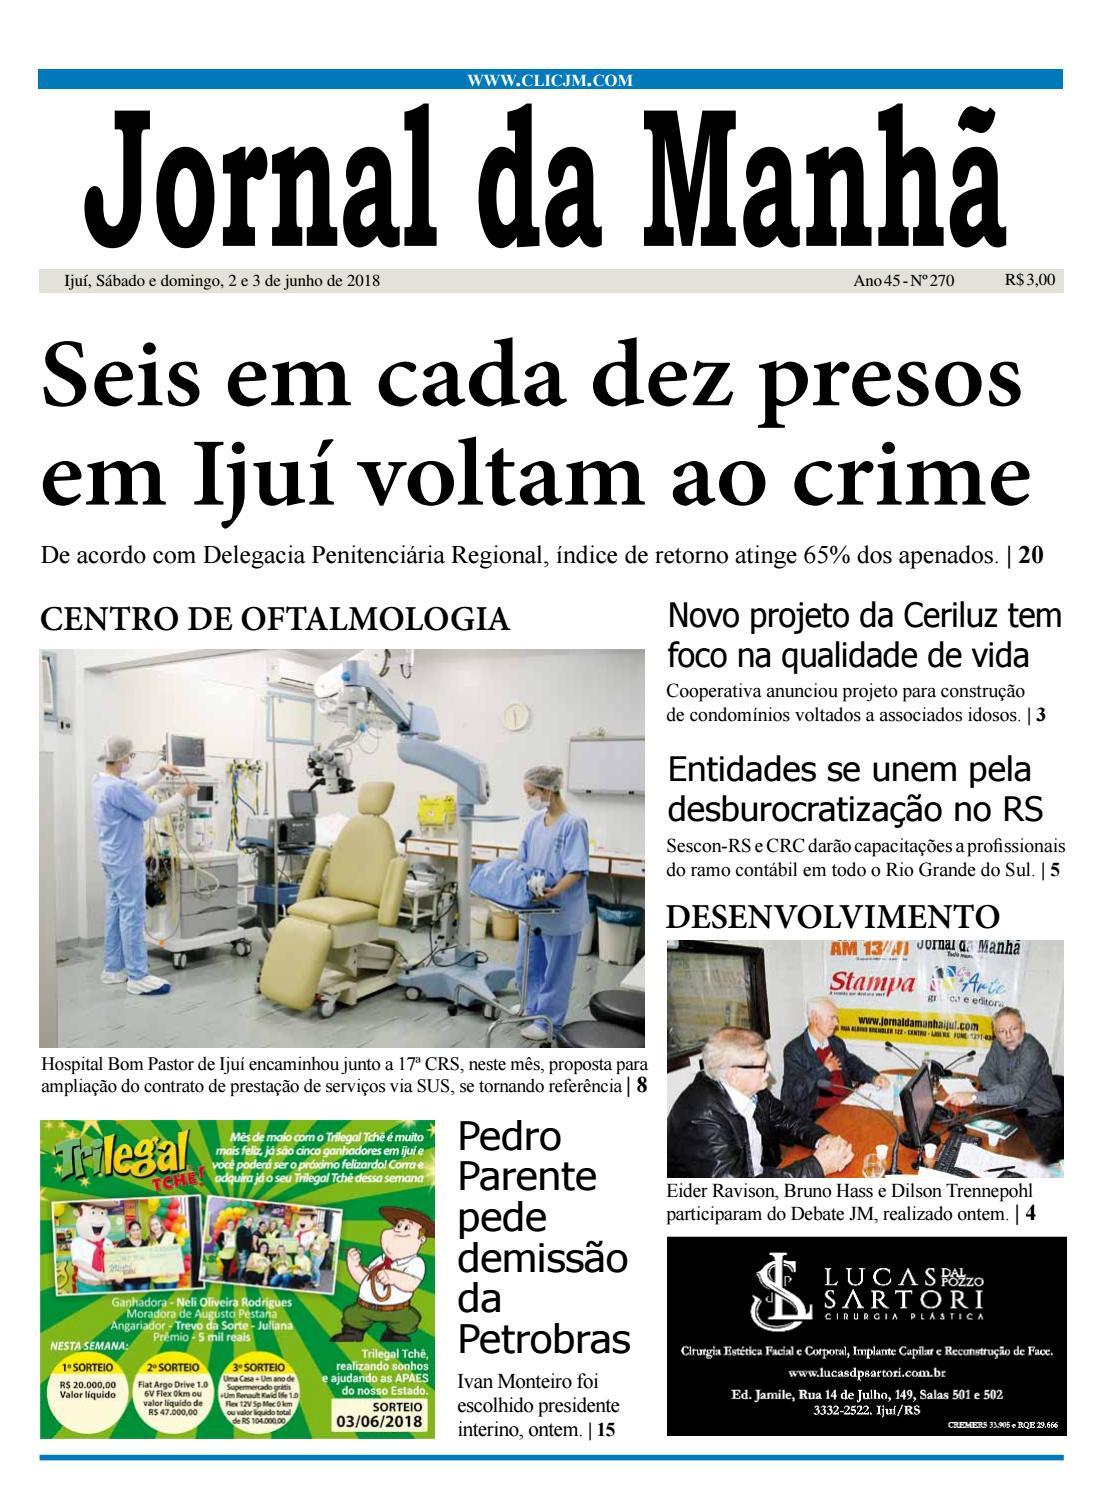 Jornal da Manhã - Sábado - 02-06-2018 by clicjm - issuu 5a784bc4062d8